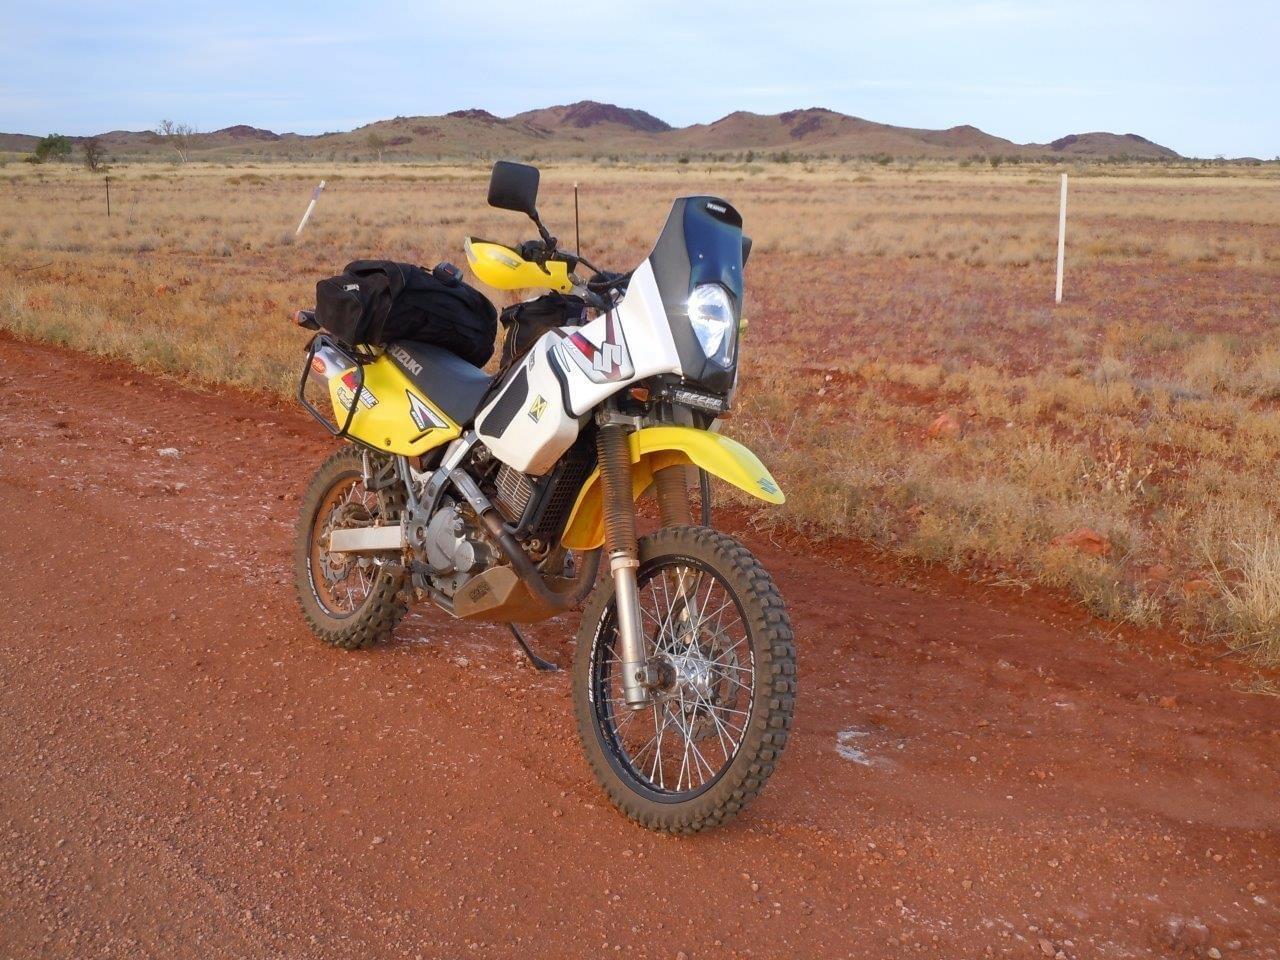 Yenkro Motorcycle Accessories